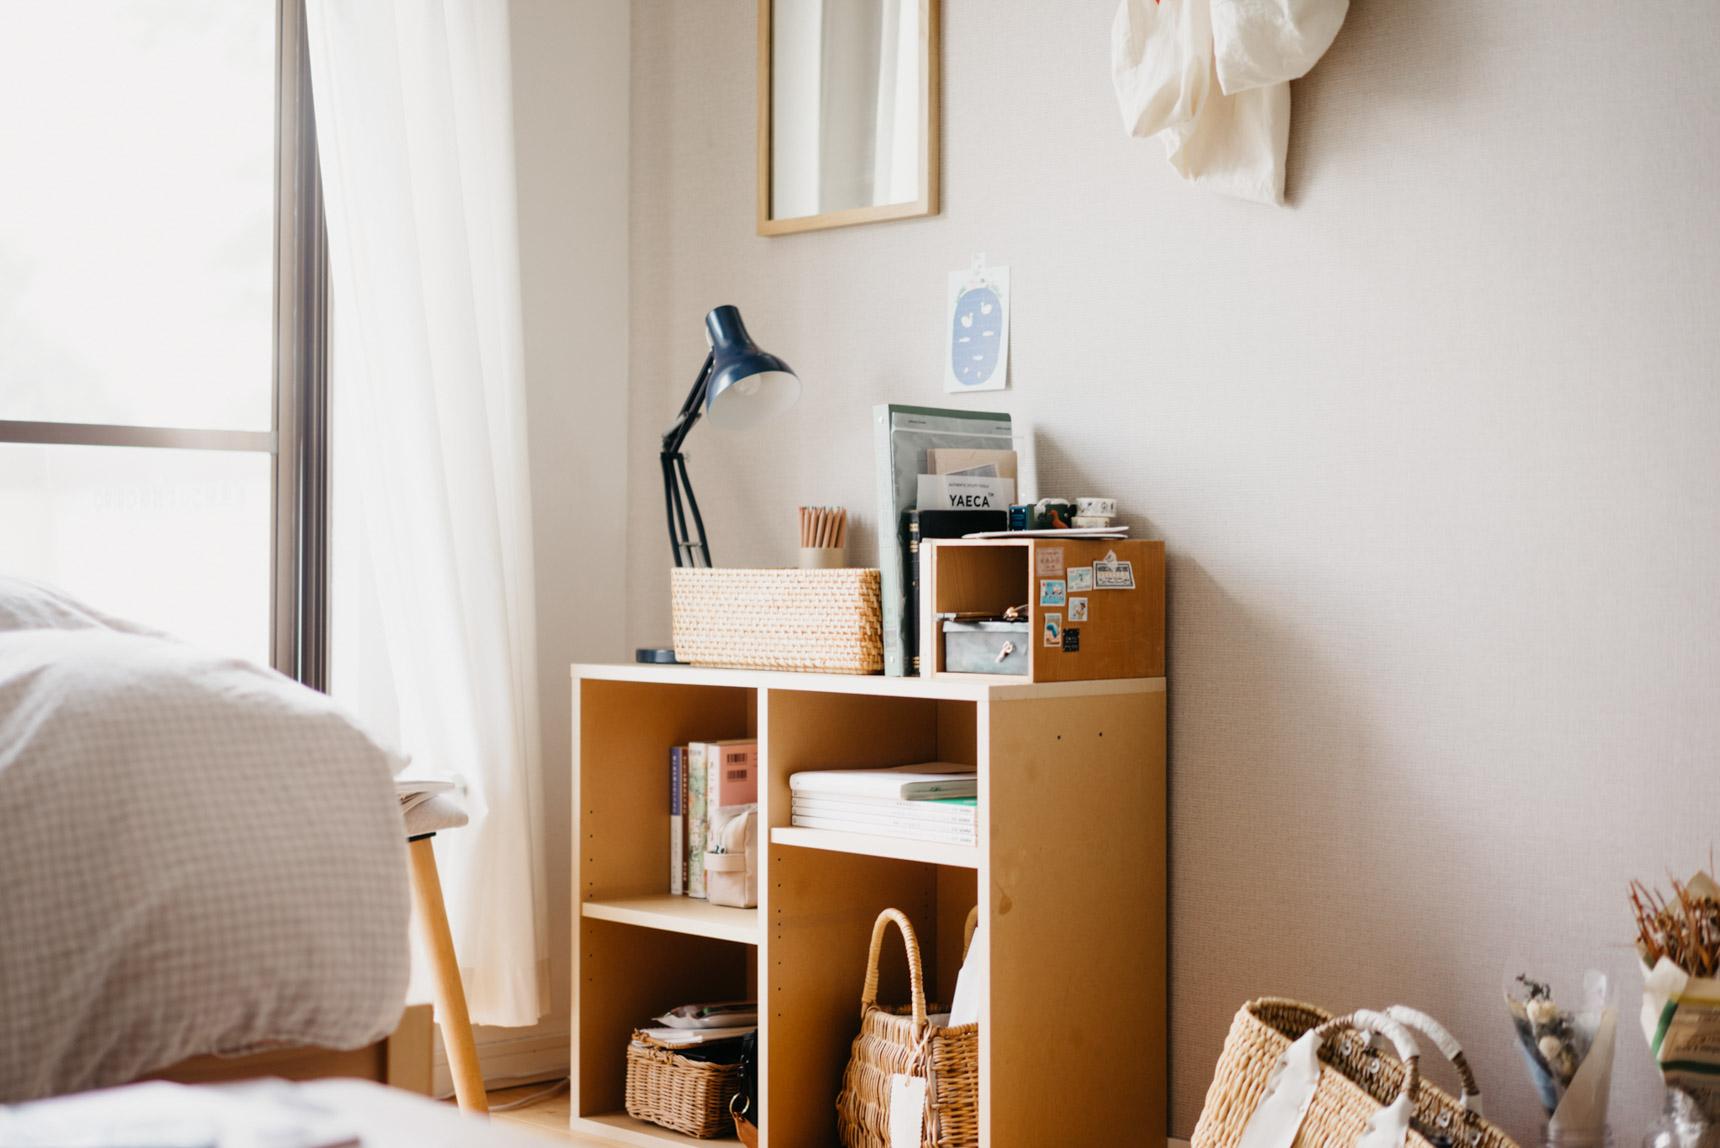 ベッドの横にも、無印良品のパルプボードボックスを置いて。お手頃価格の商品ですが木の色と合うのでとても良いですね。